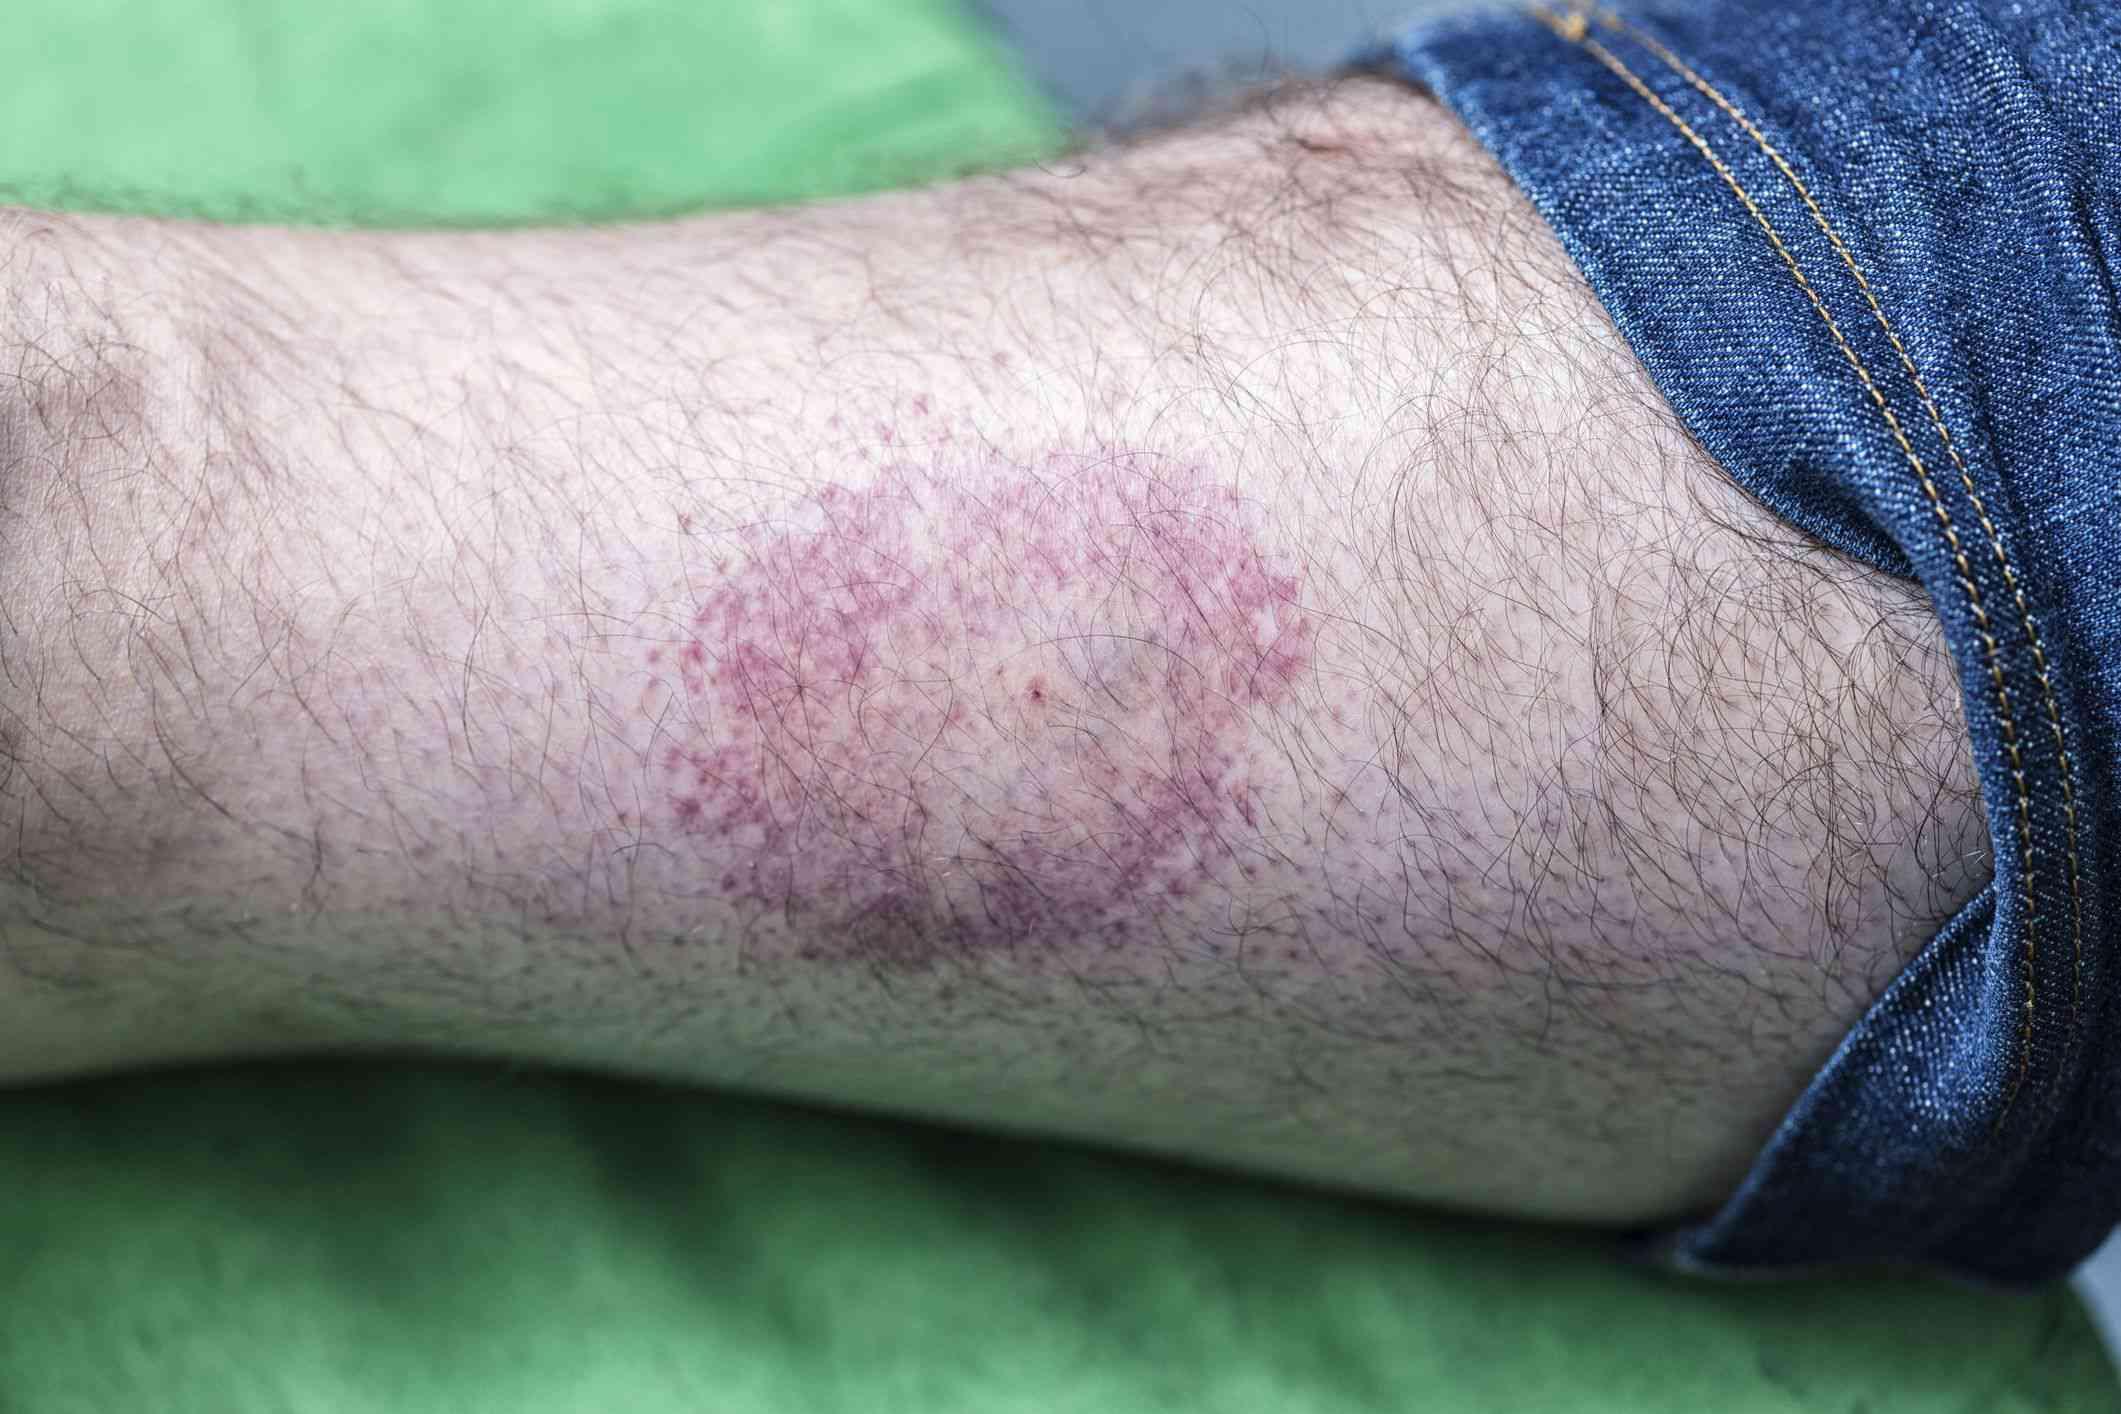 Lyme disease bullseye rash